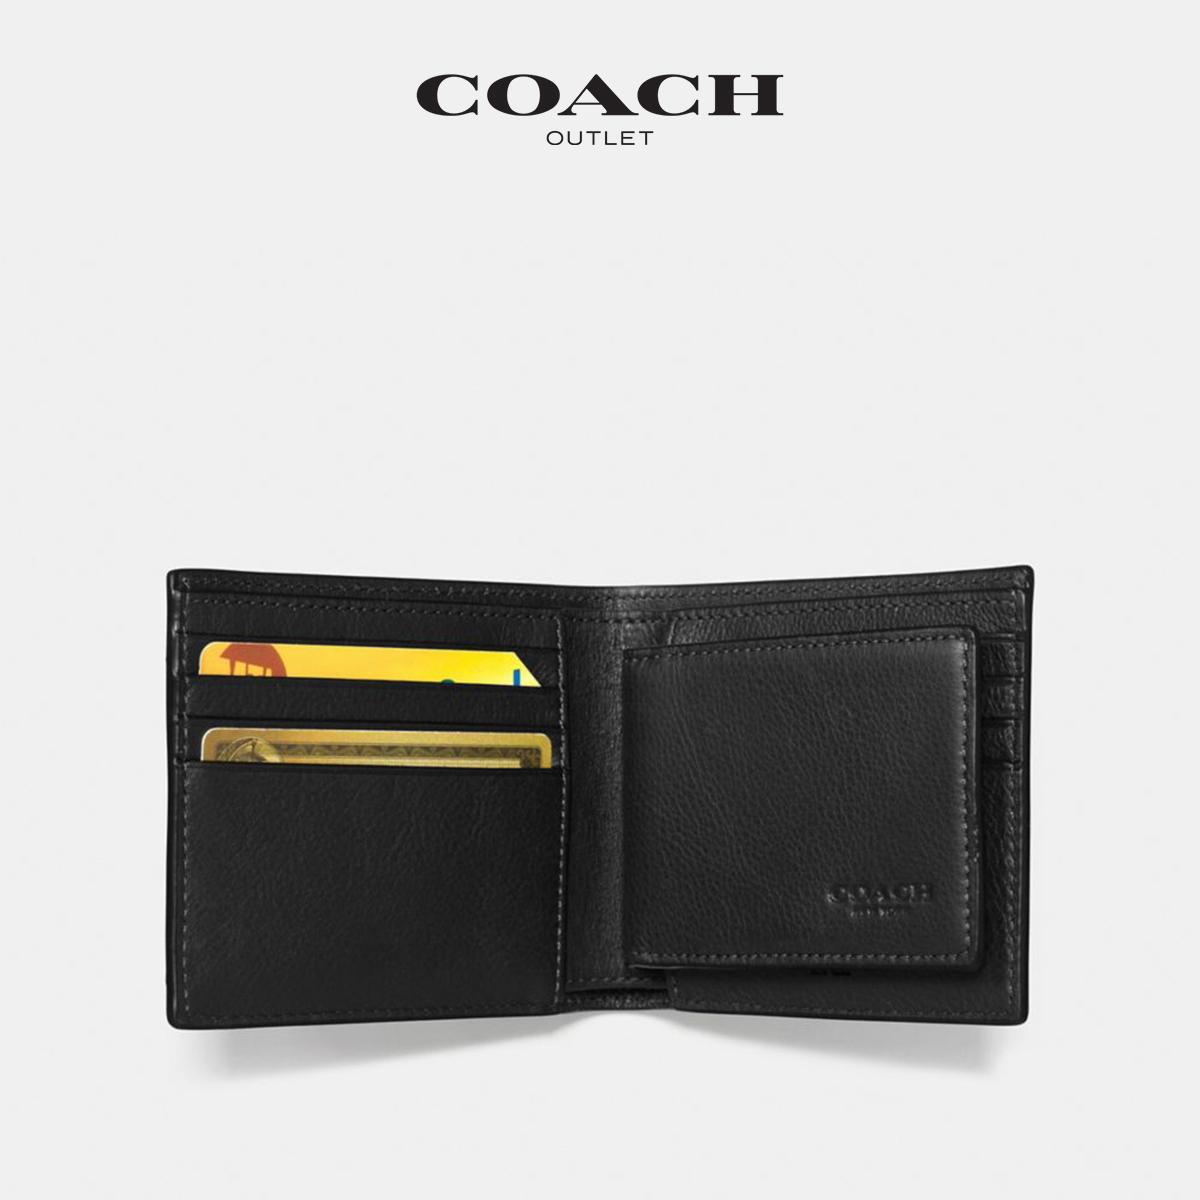 蔻驰奥莱男钱包紧凑型证件钱包 COACH